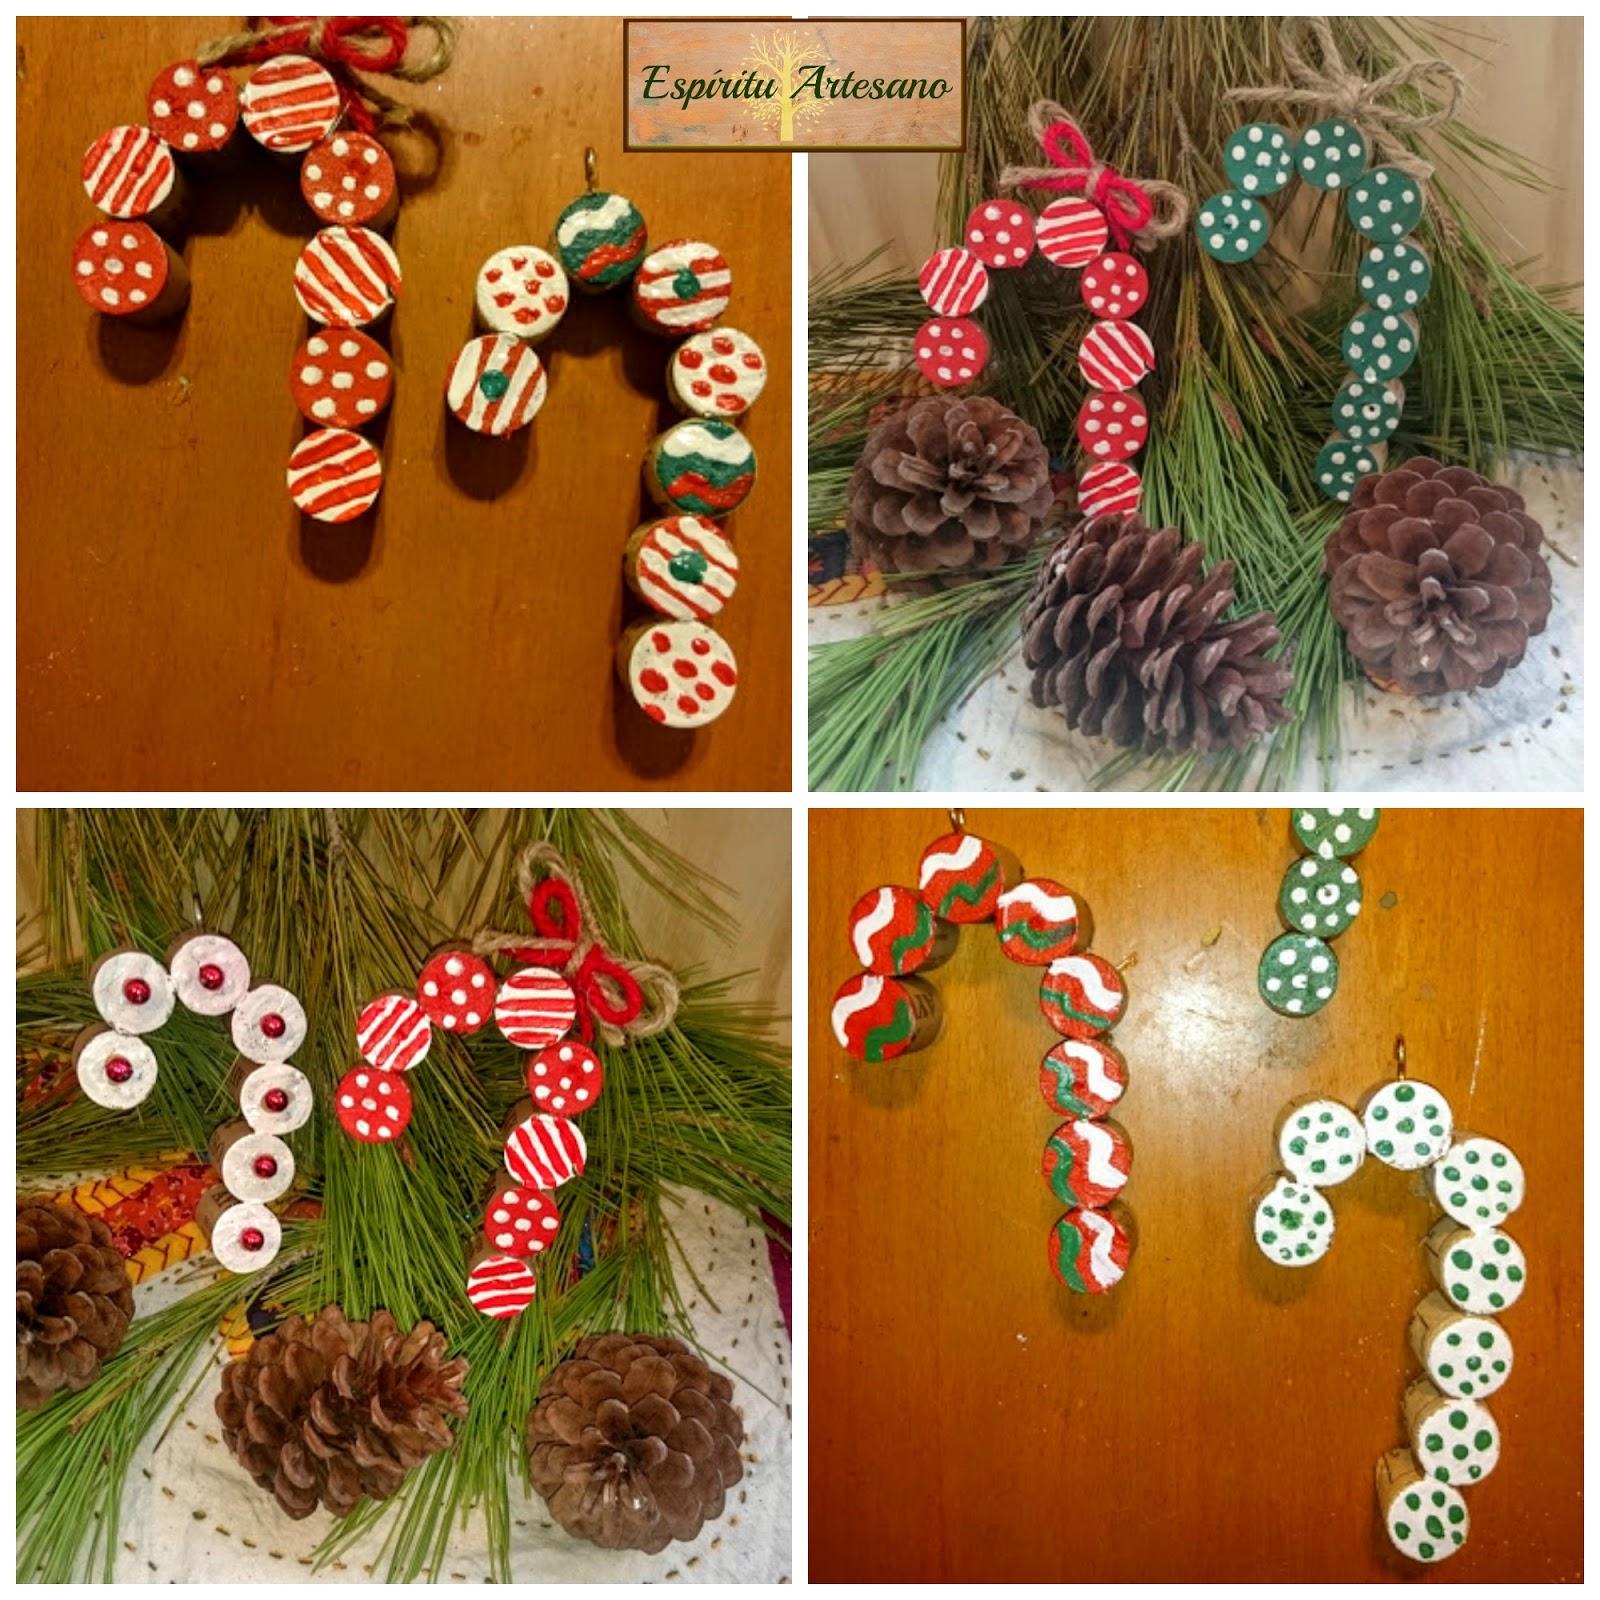 Esp ritu artesano adornos navide os con tapones de corcho - Videos de adornos navidenos ...